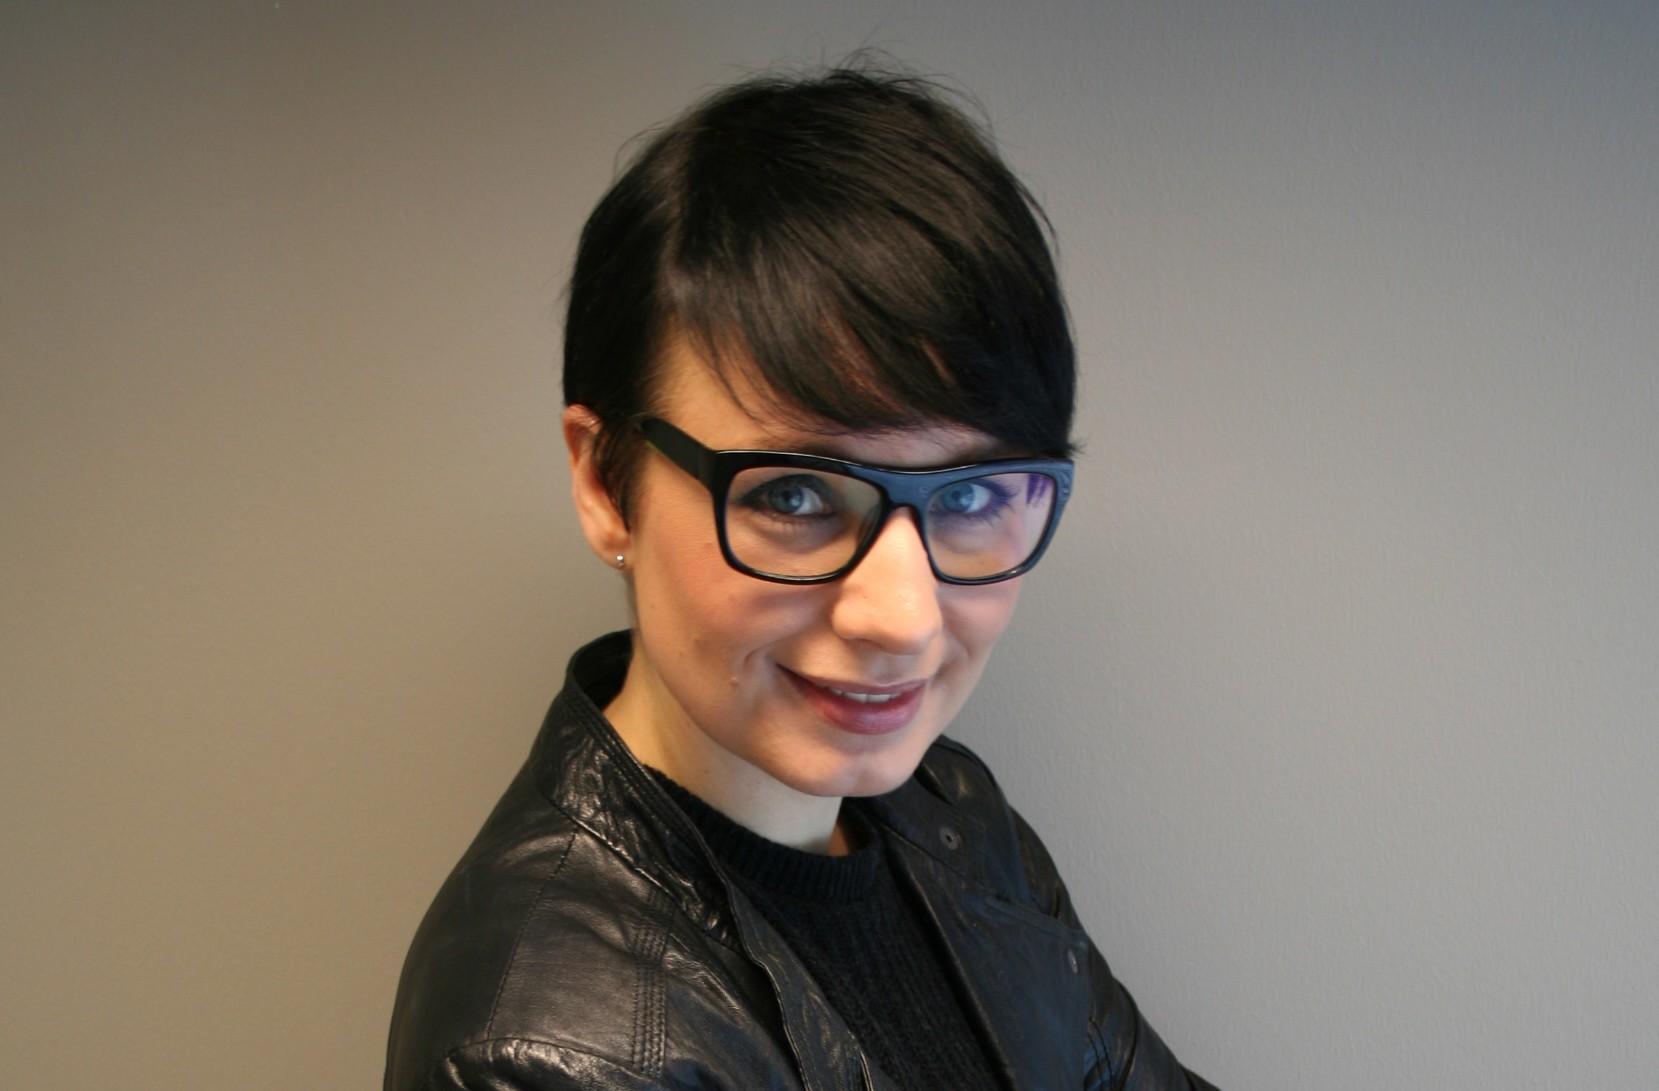 JCI Havis Amanda ehdottaa Susanna Rantasta Vuoden Nuoreksi Johtajaksi